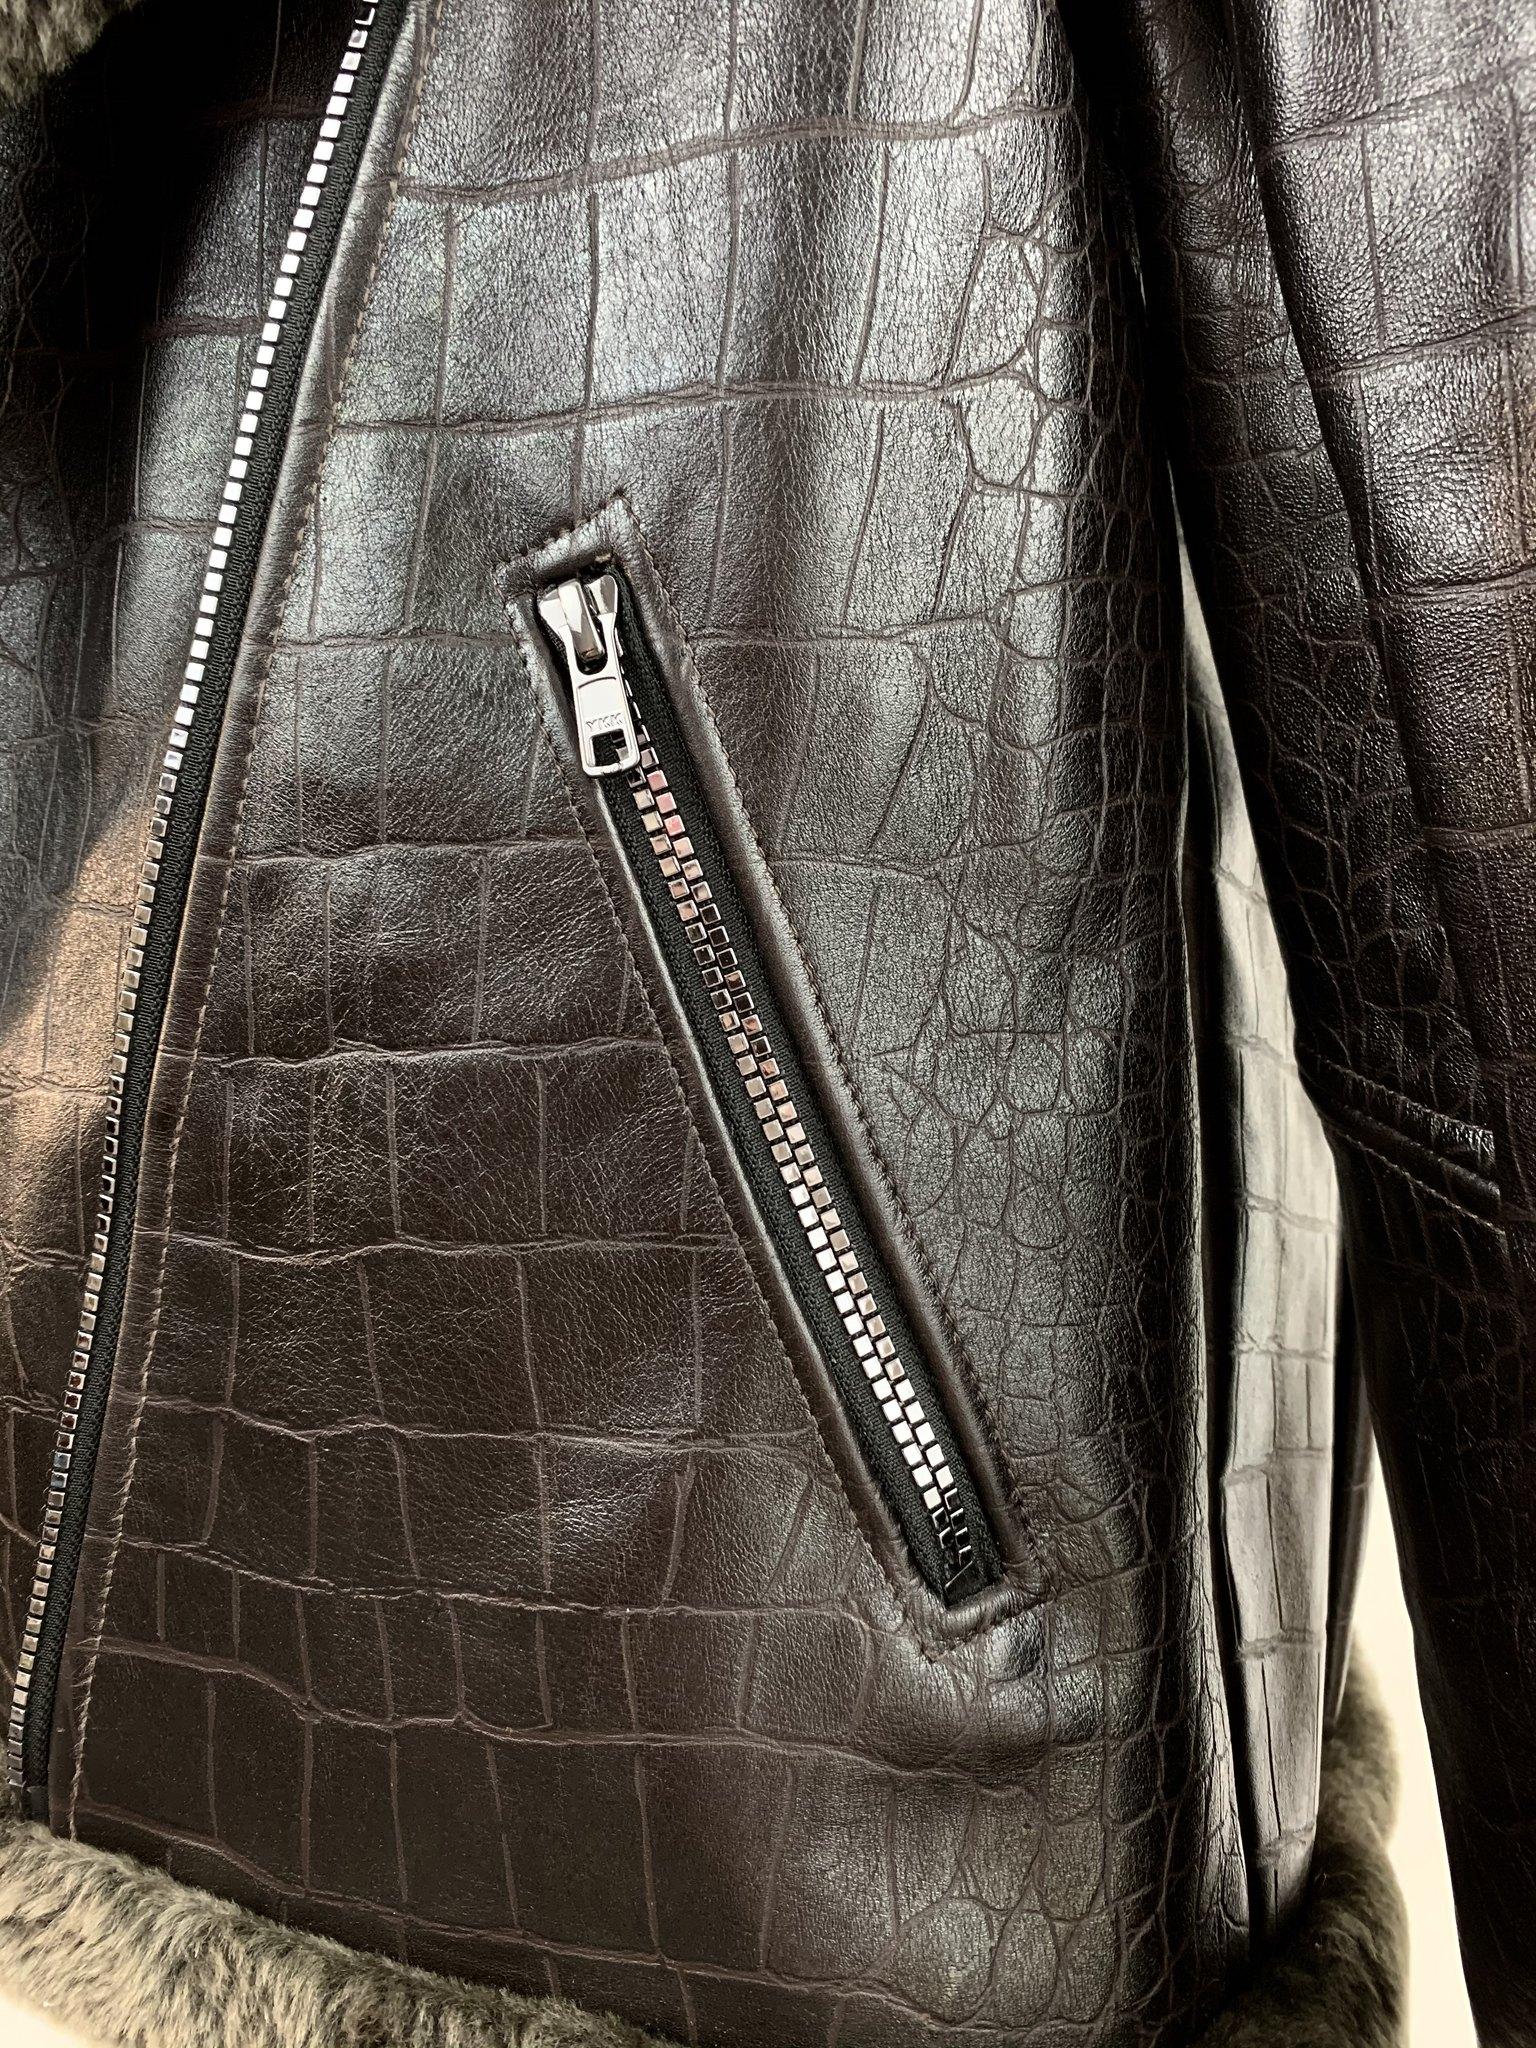 Shearling jacket pocket details